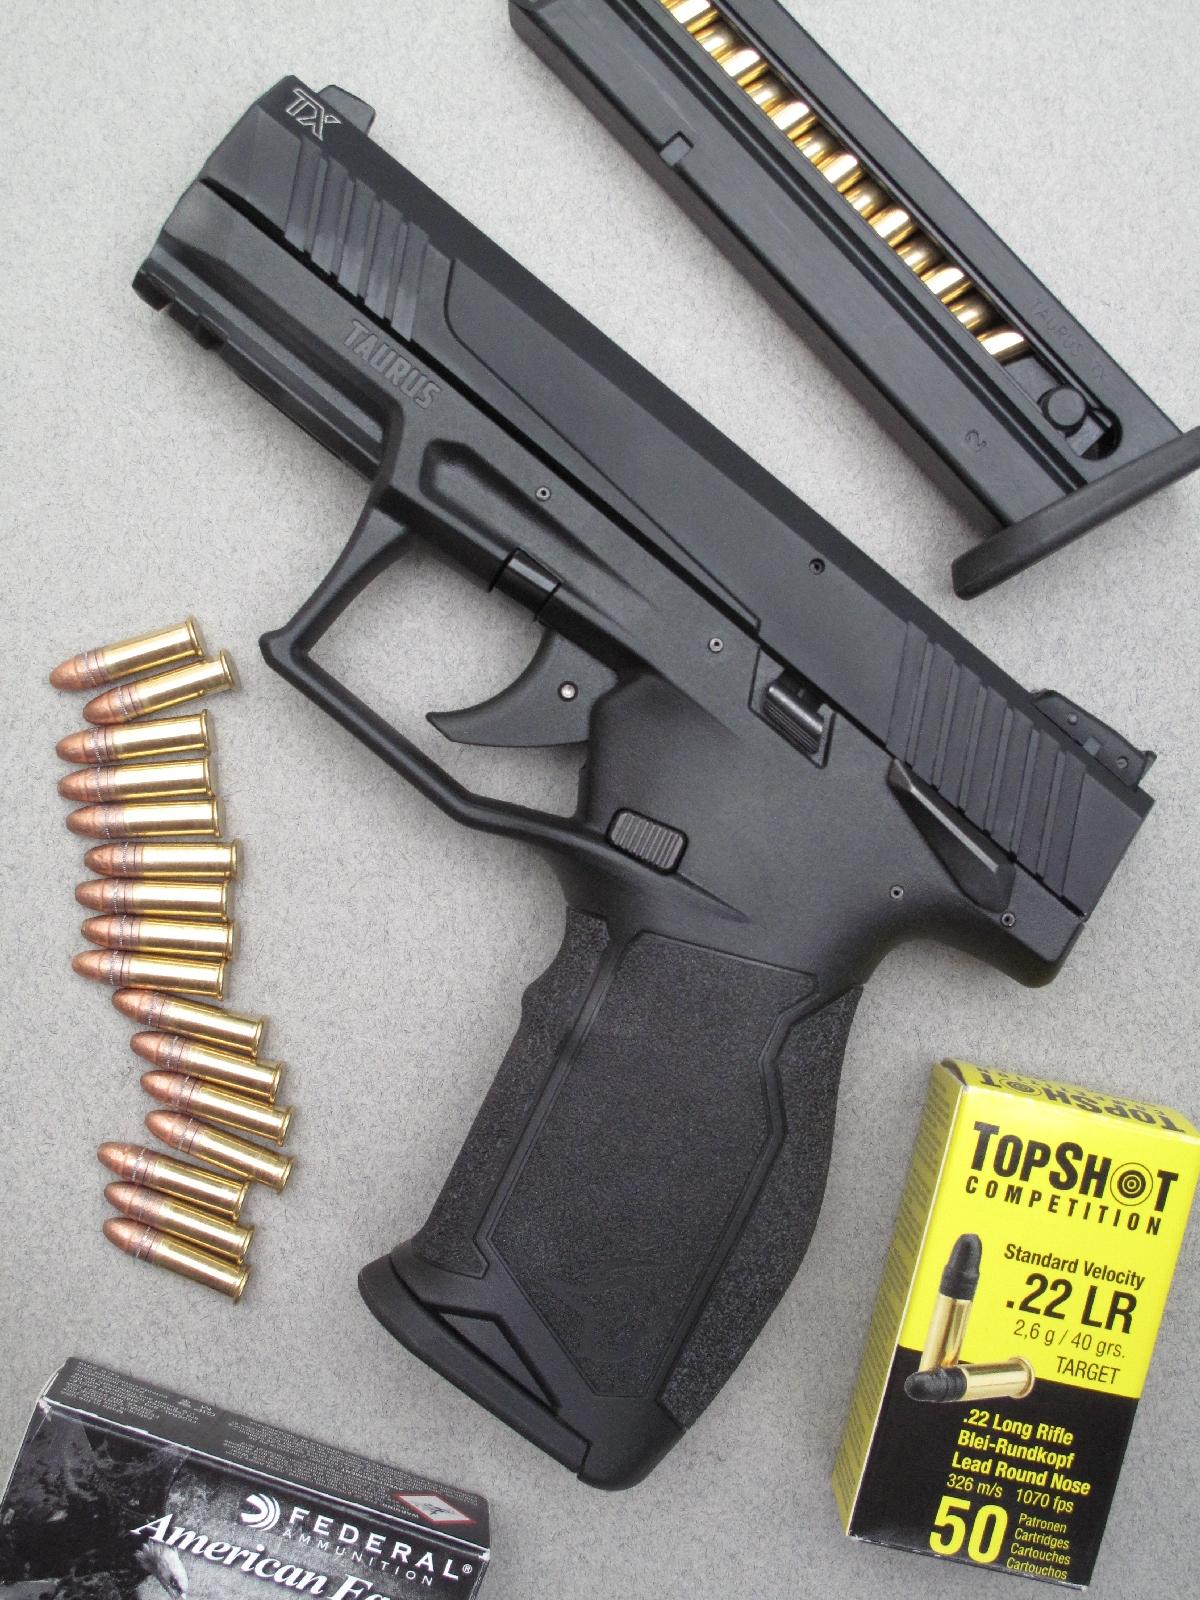 Ce nouveau modèle de petit calibre reprend les codes des pistolets de combat modernes, avec notamment une carcasse en polymère munie d'un rail porte-accessoires, une détente de type Striker et une procédure de démontage simplifiée.